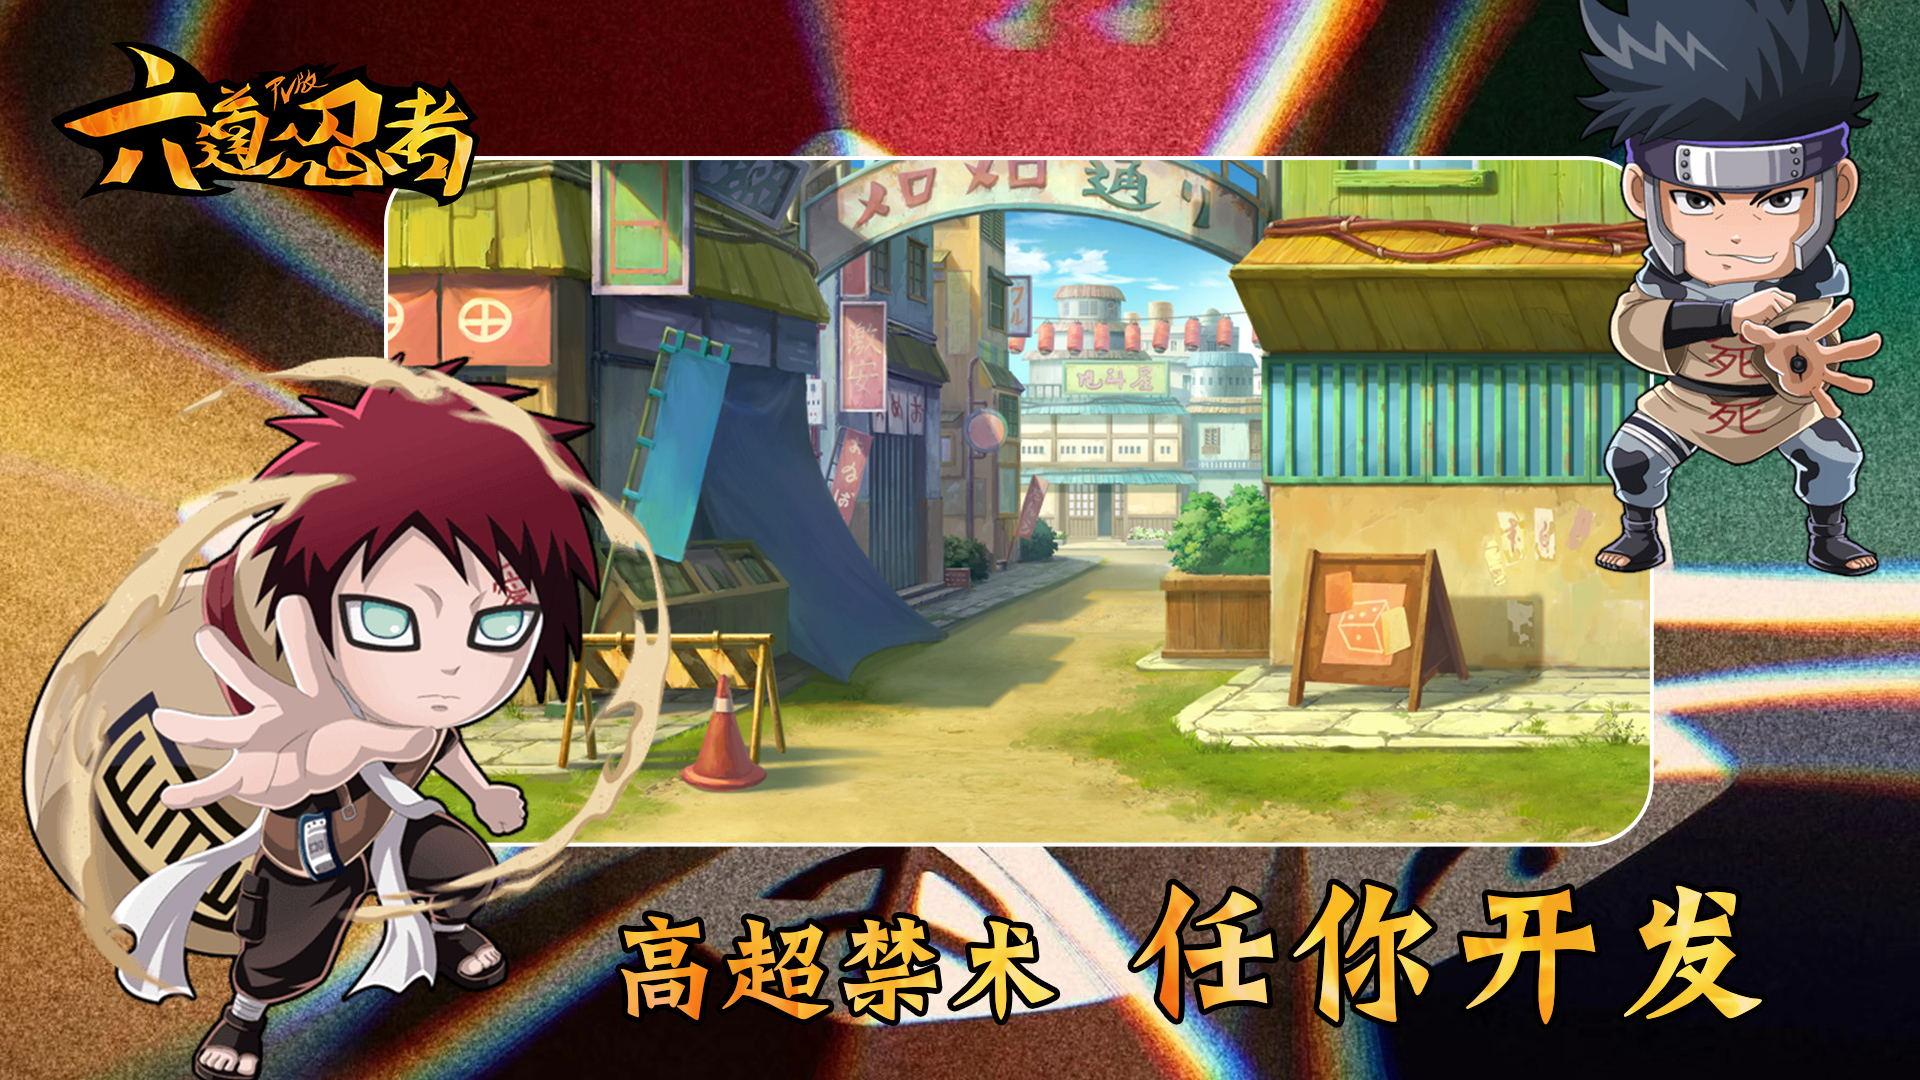 六道忍者TV版游戏截图